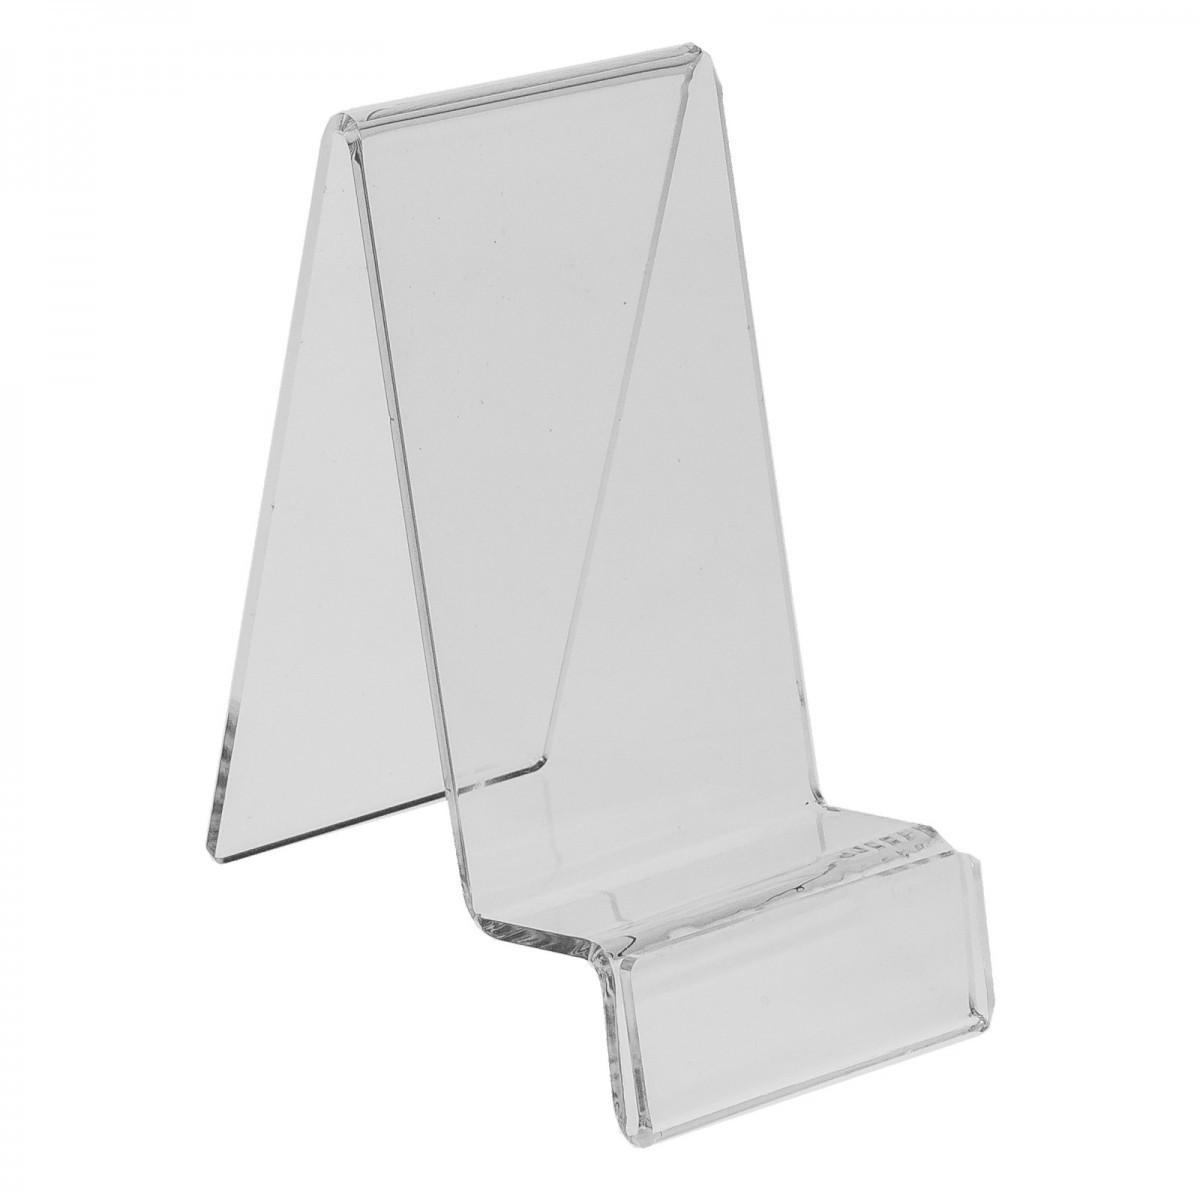 E-123 PCE-D - Espositore in plexiglass per cellulari / smartphone con porta prezzo - Misura: 7x12x H14 cm